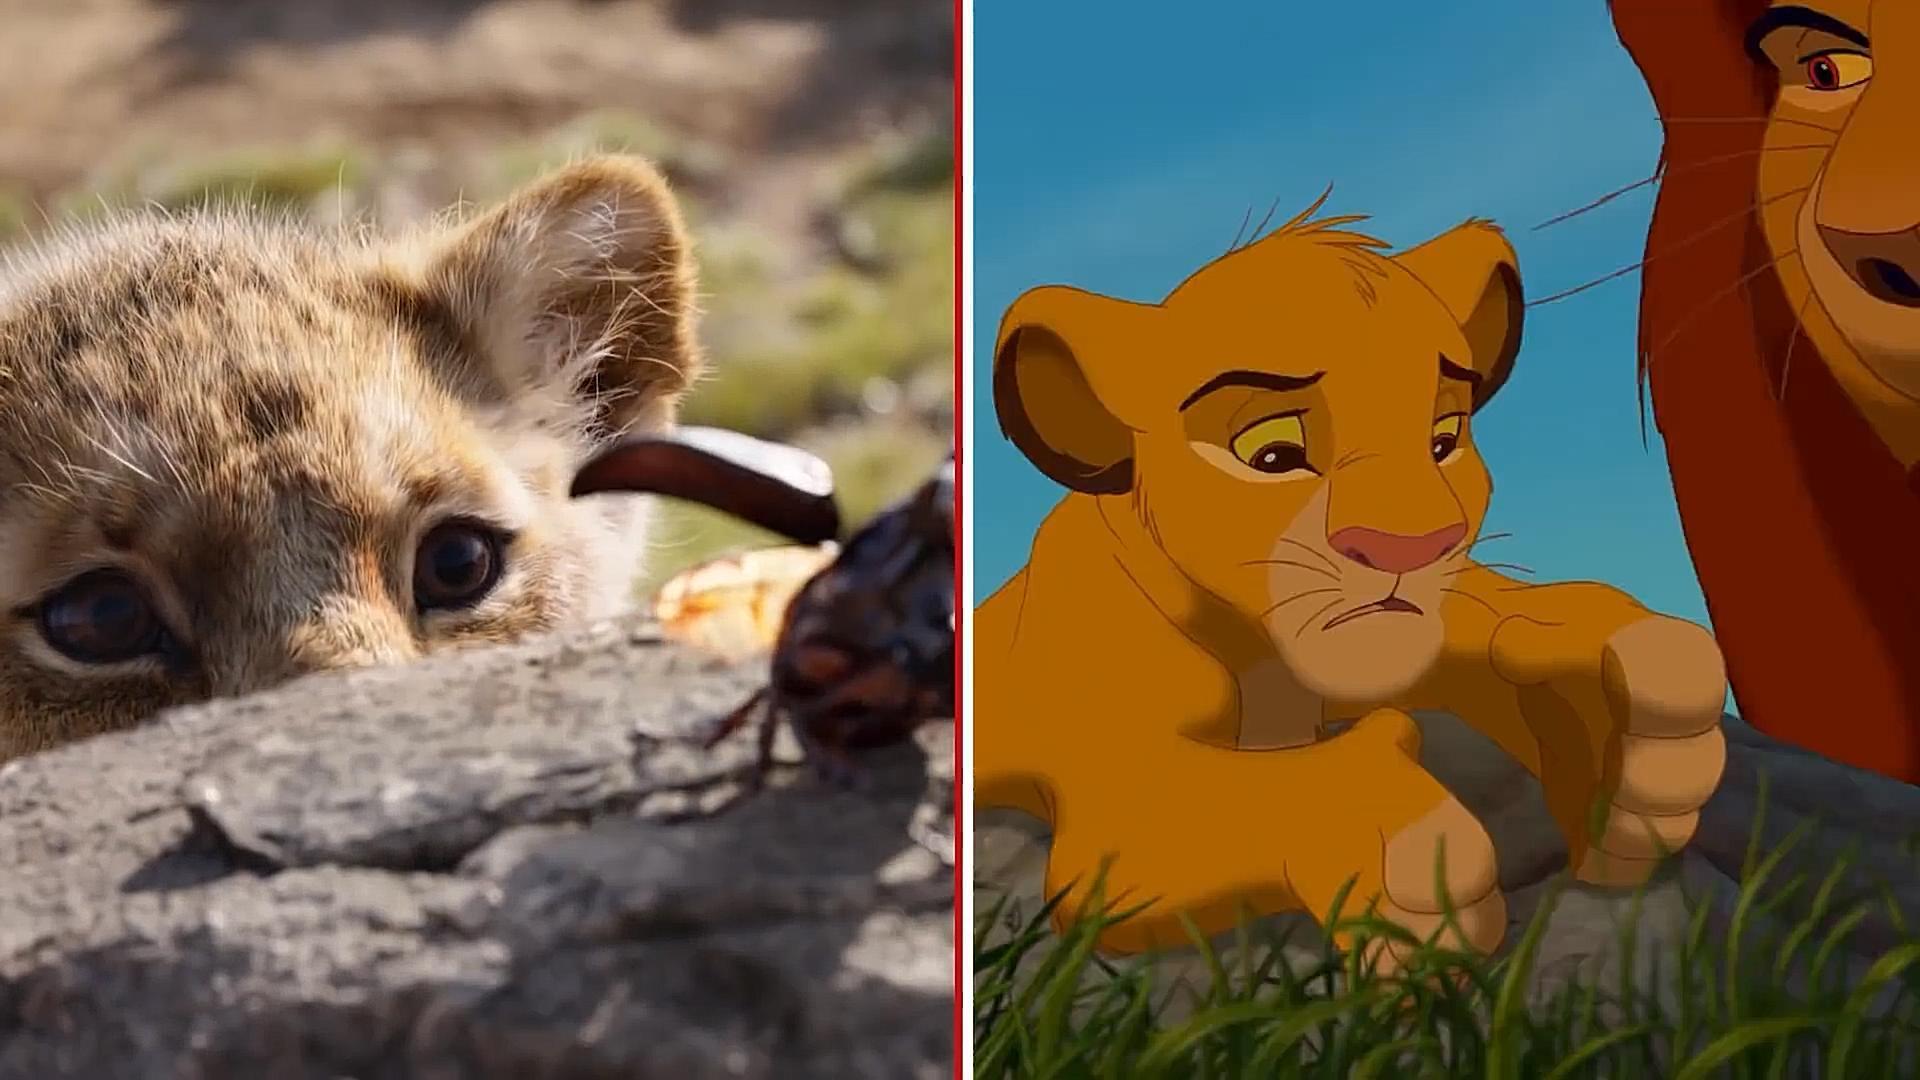 #电影最前线#《狮子王》新预告与94年原版动画逐帧对比,很多熟悉的画面瞬间